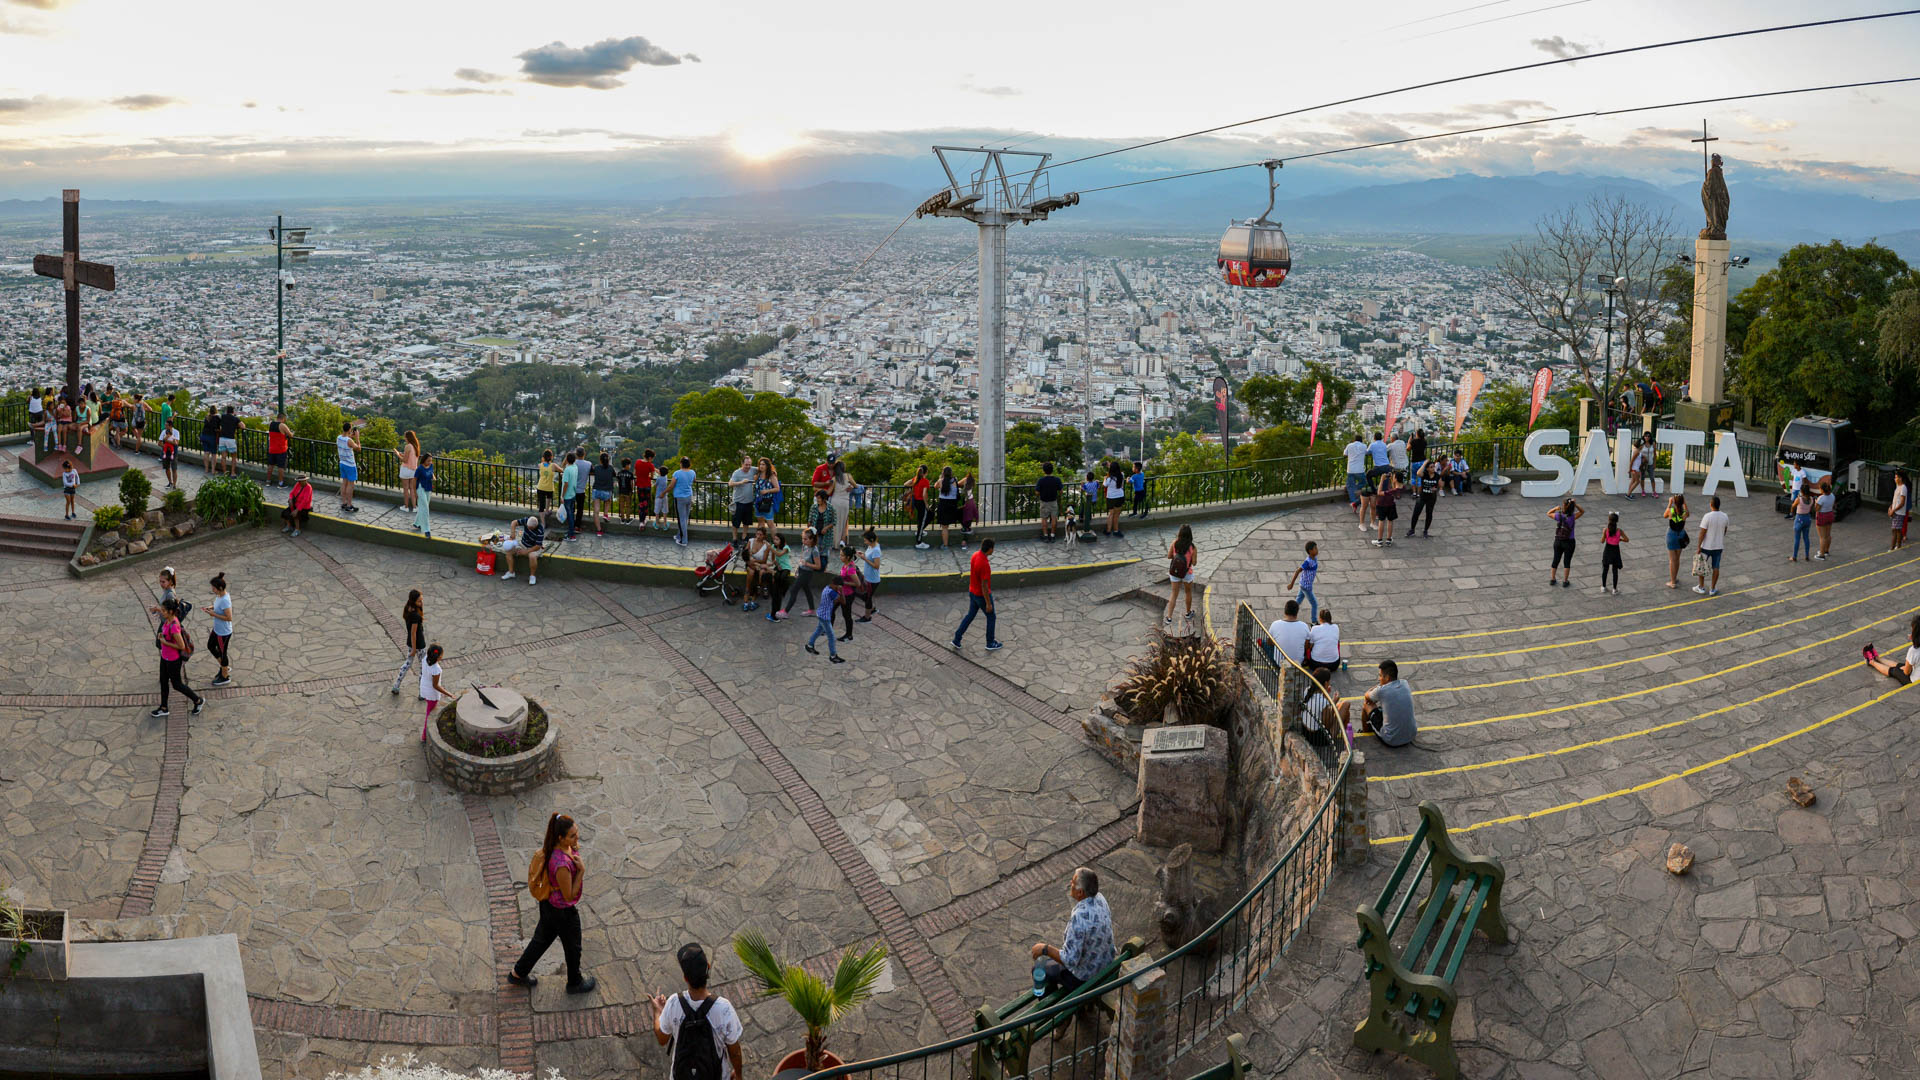 Atardecer en el cerro San Bernardo. Las góndolas del teleférico llegan hasta allí.